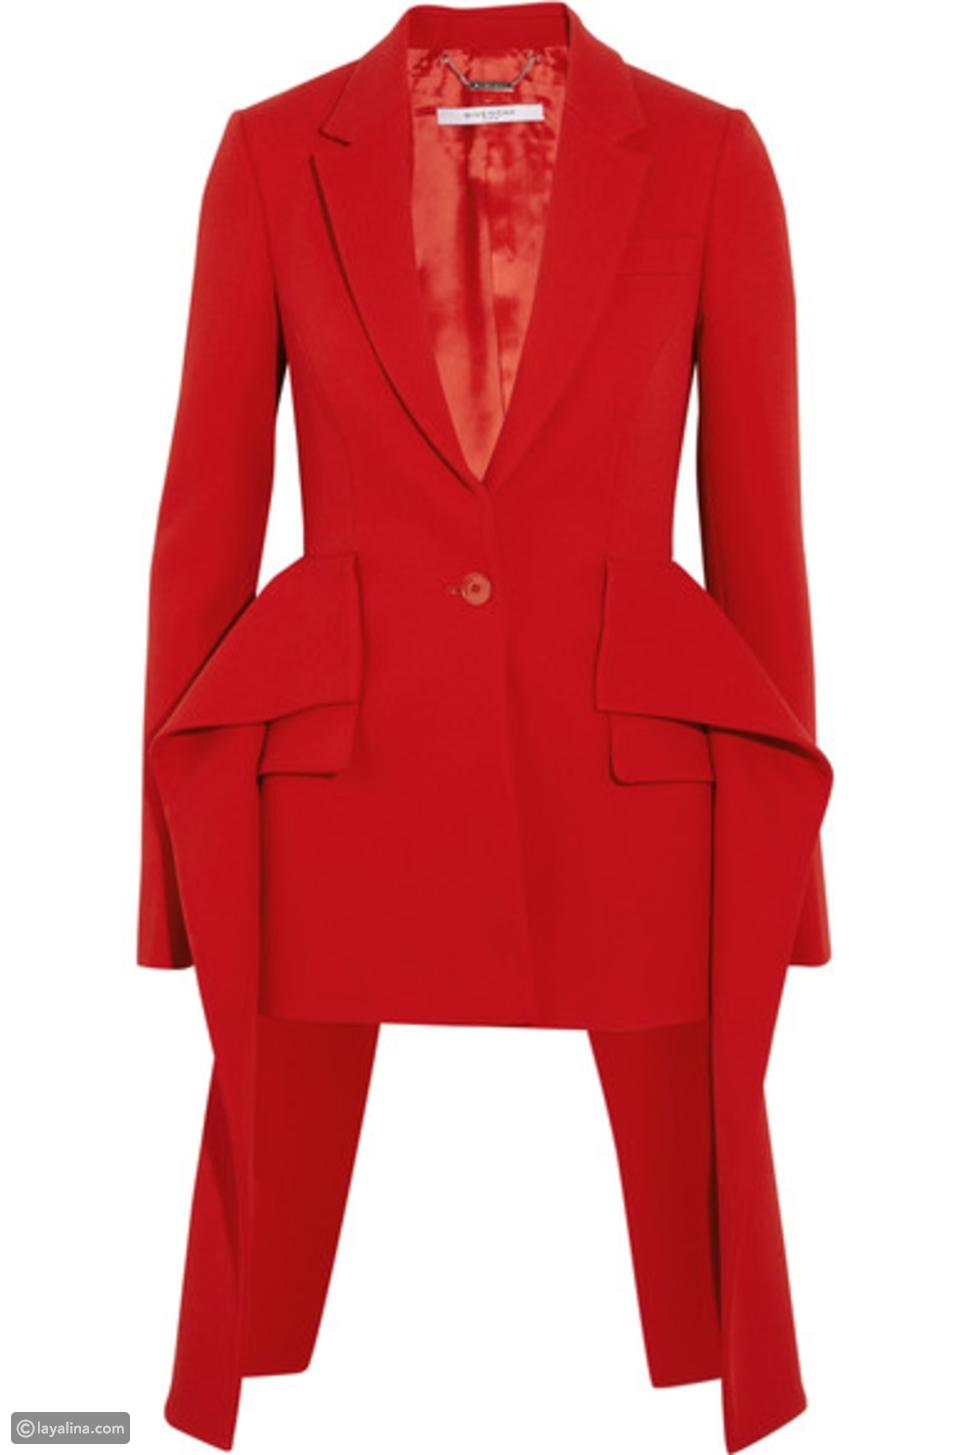 3 طرق مختلفة لتنسيق جاكيت Givenchy الأحمر